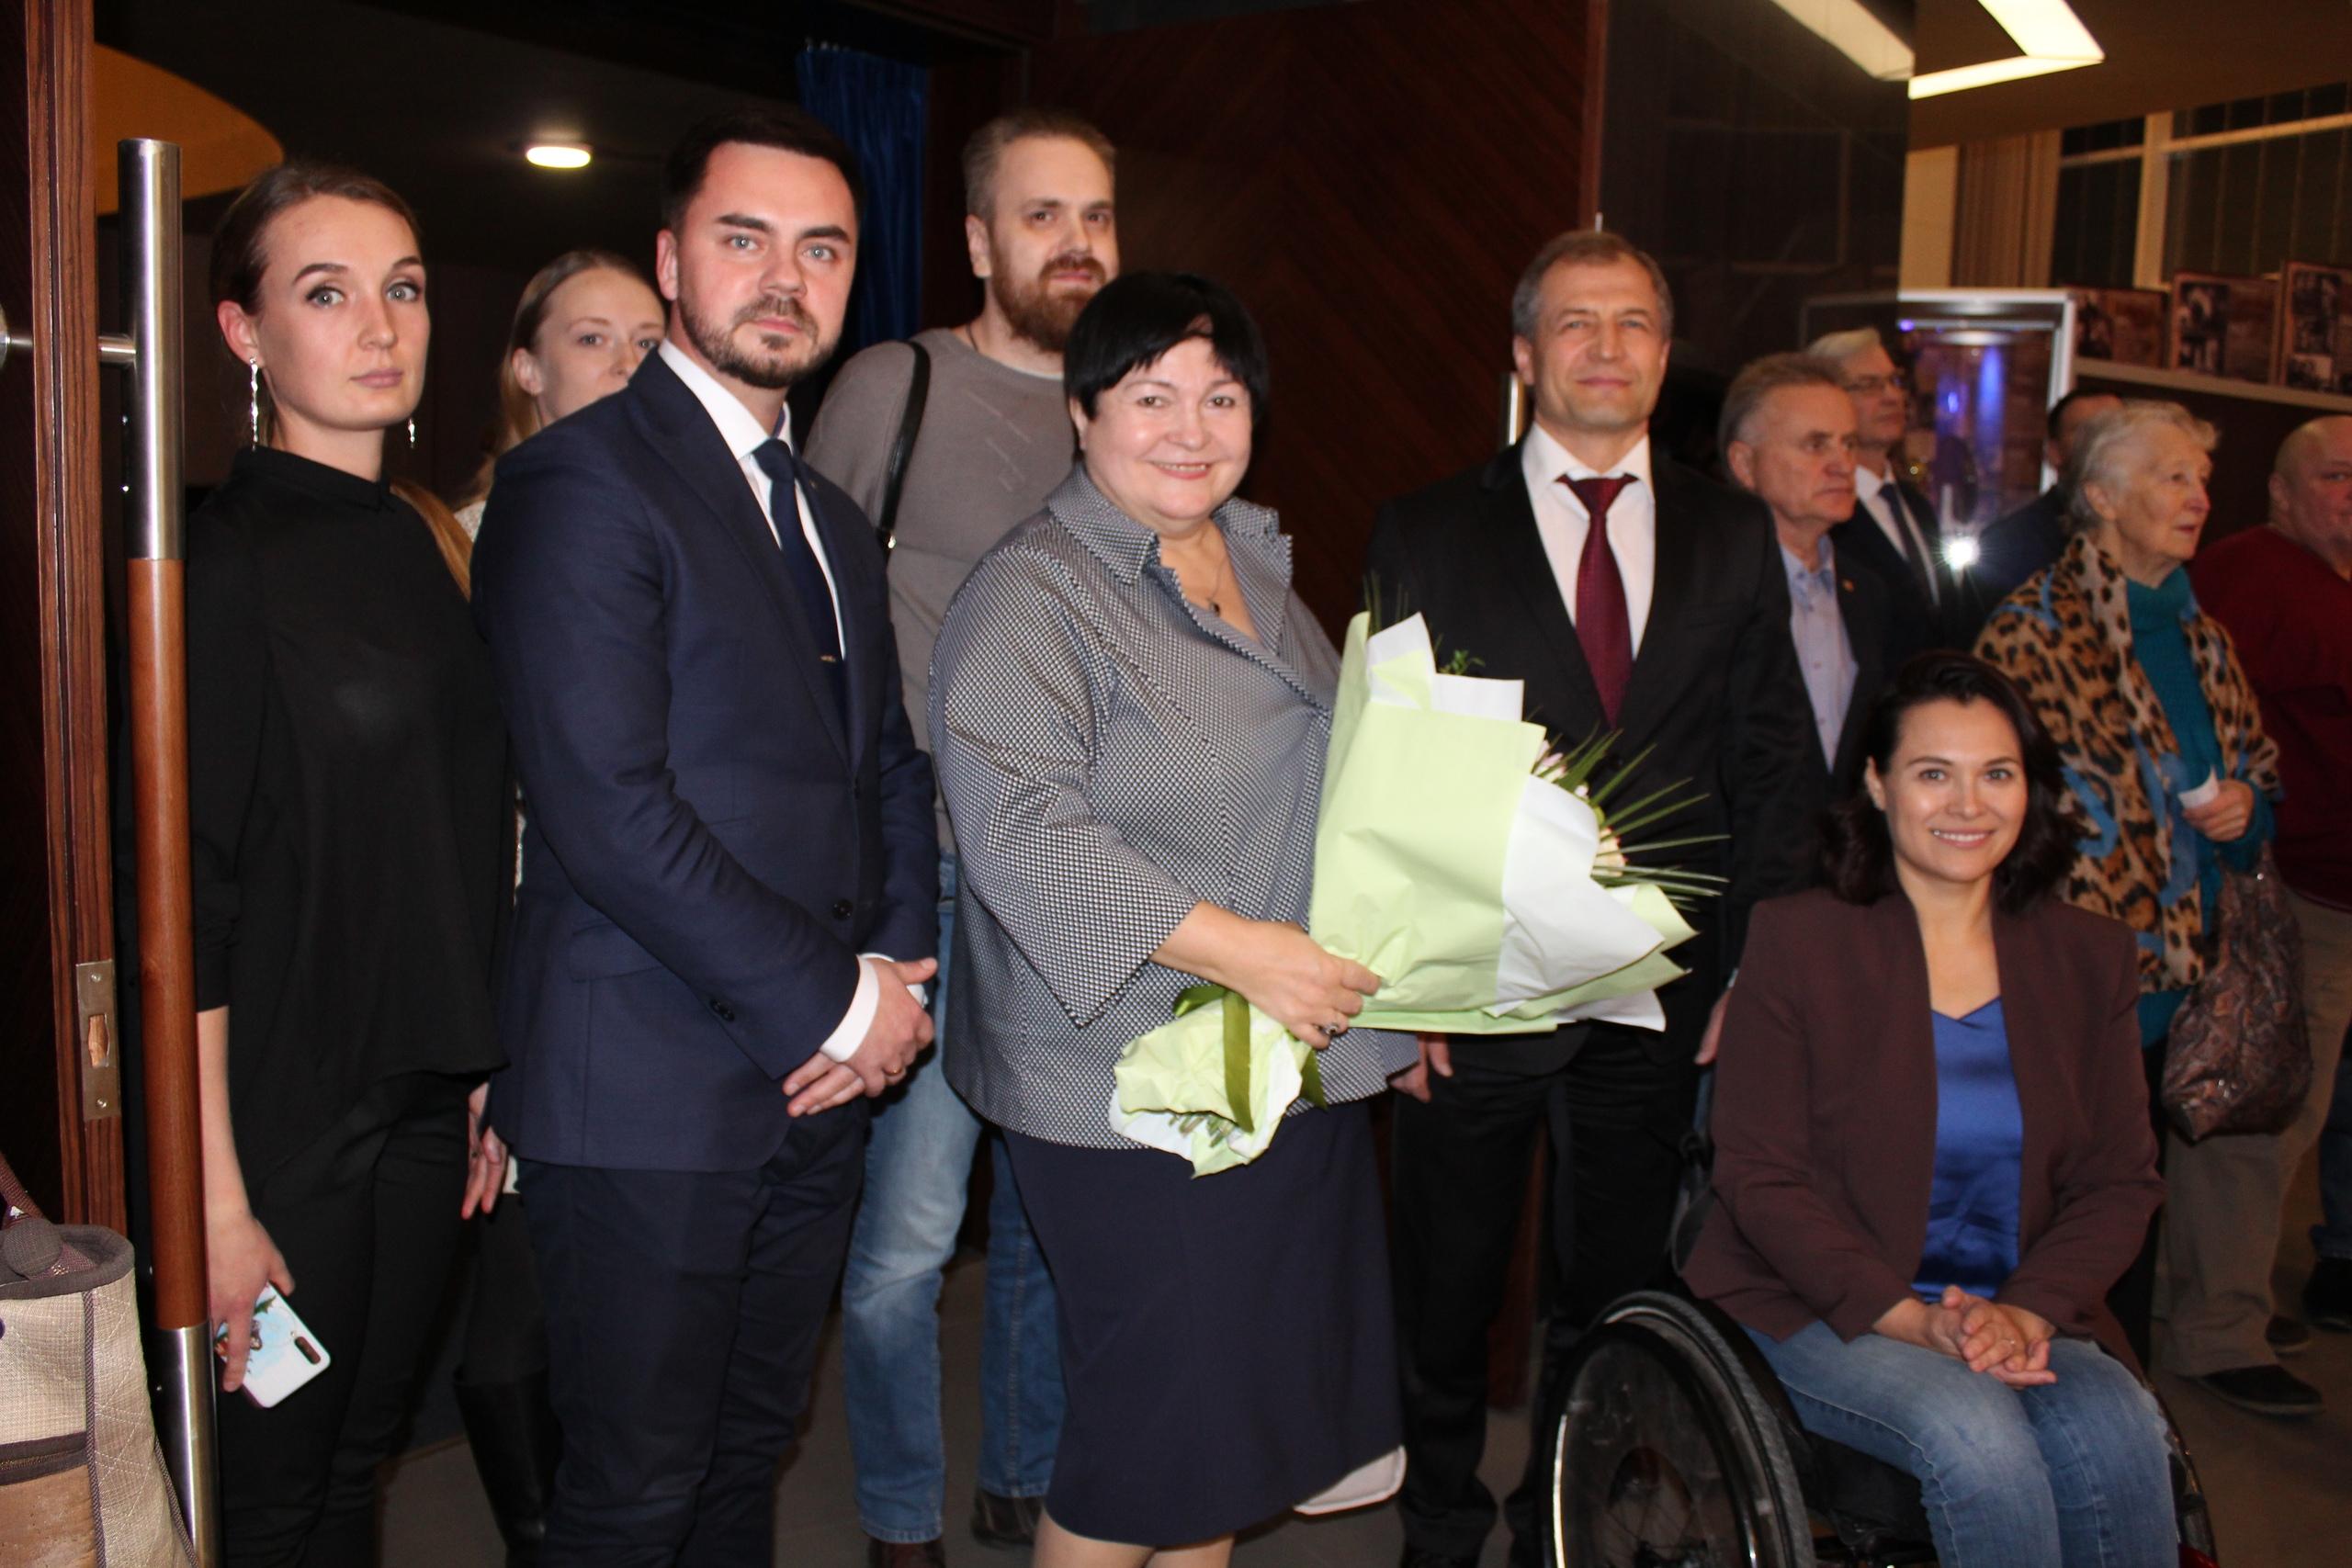 Председатель и депутаты городской Думы посетили Театр юного зрителя